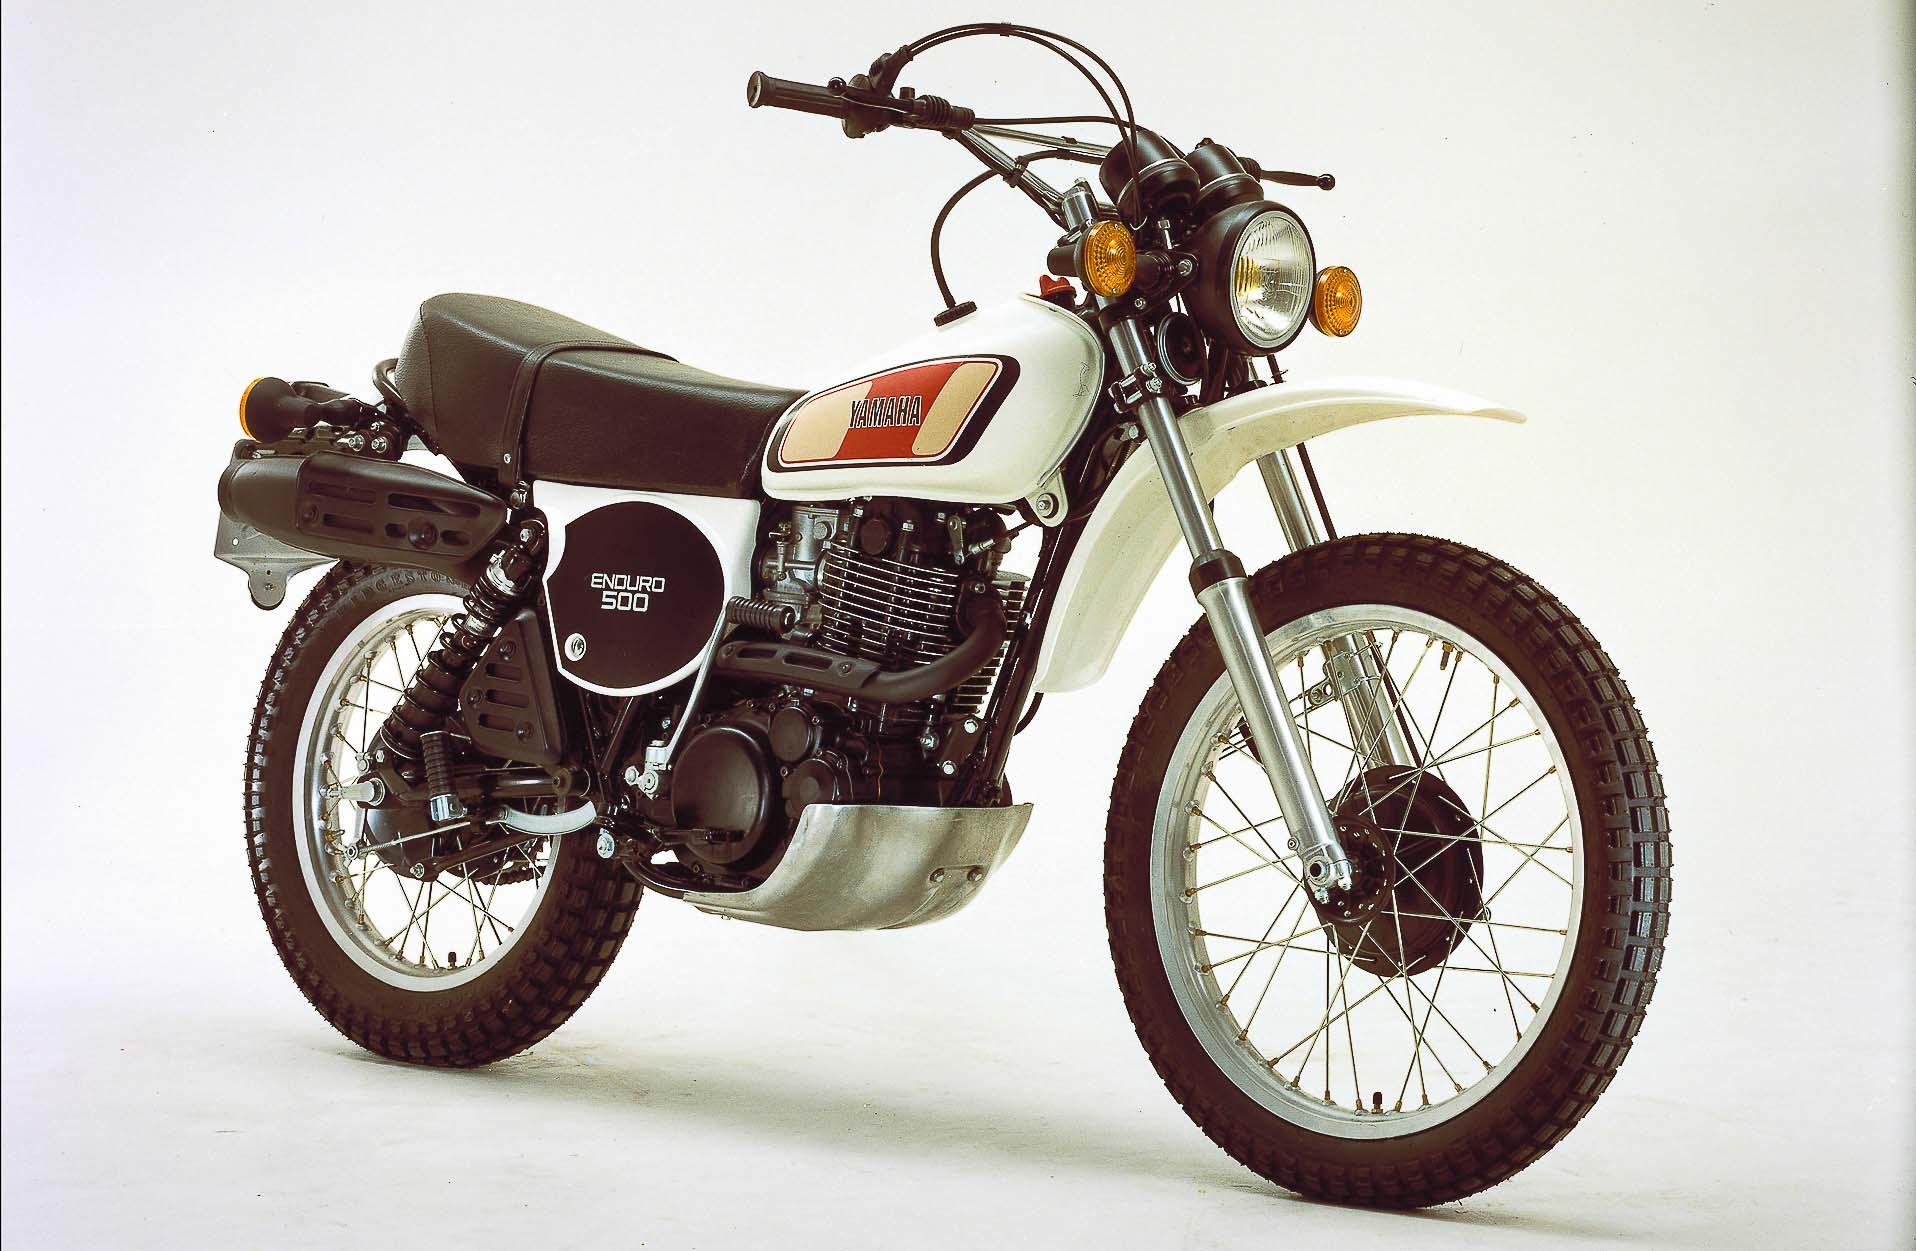 YAMAHA XT 500 (1976 - 1989)